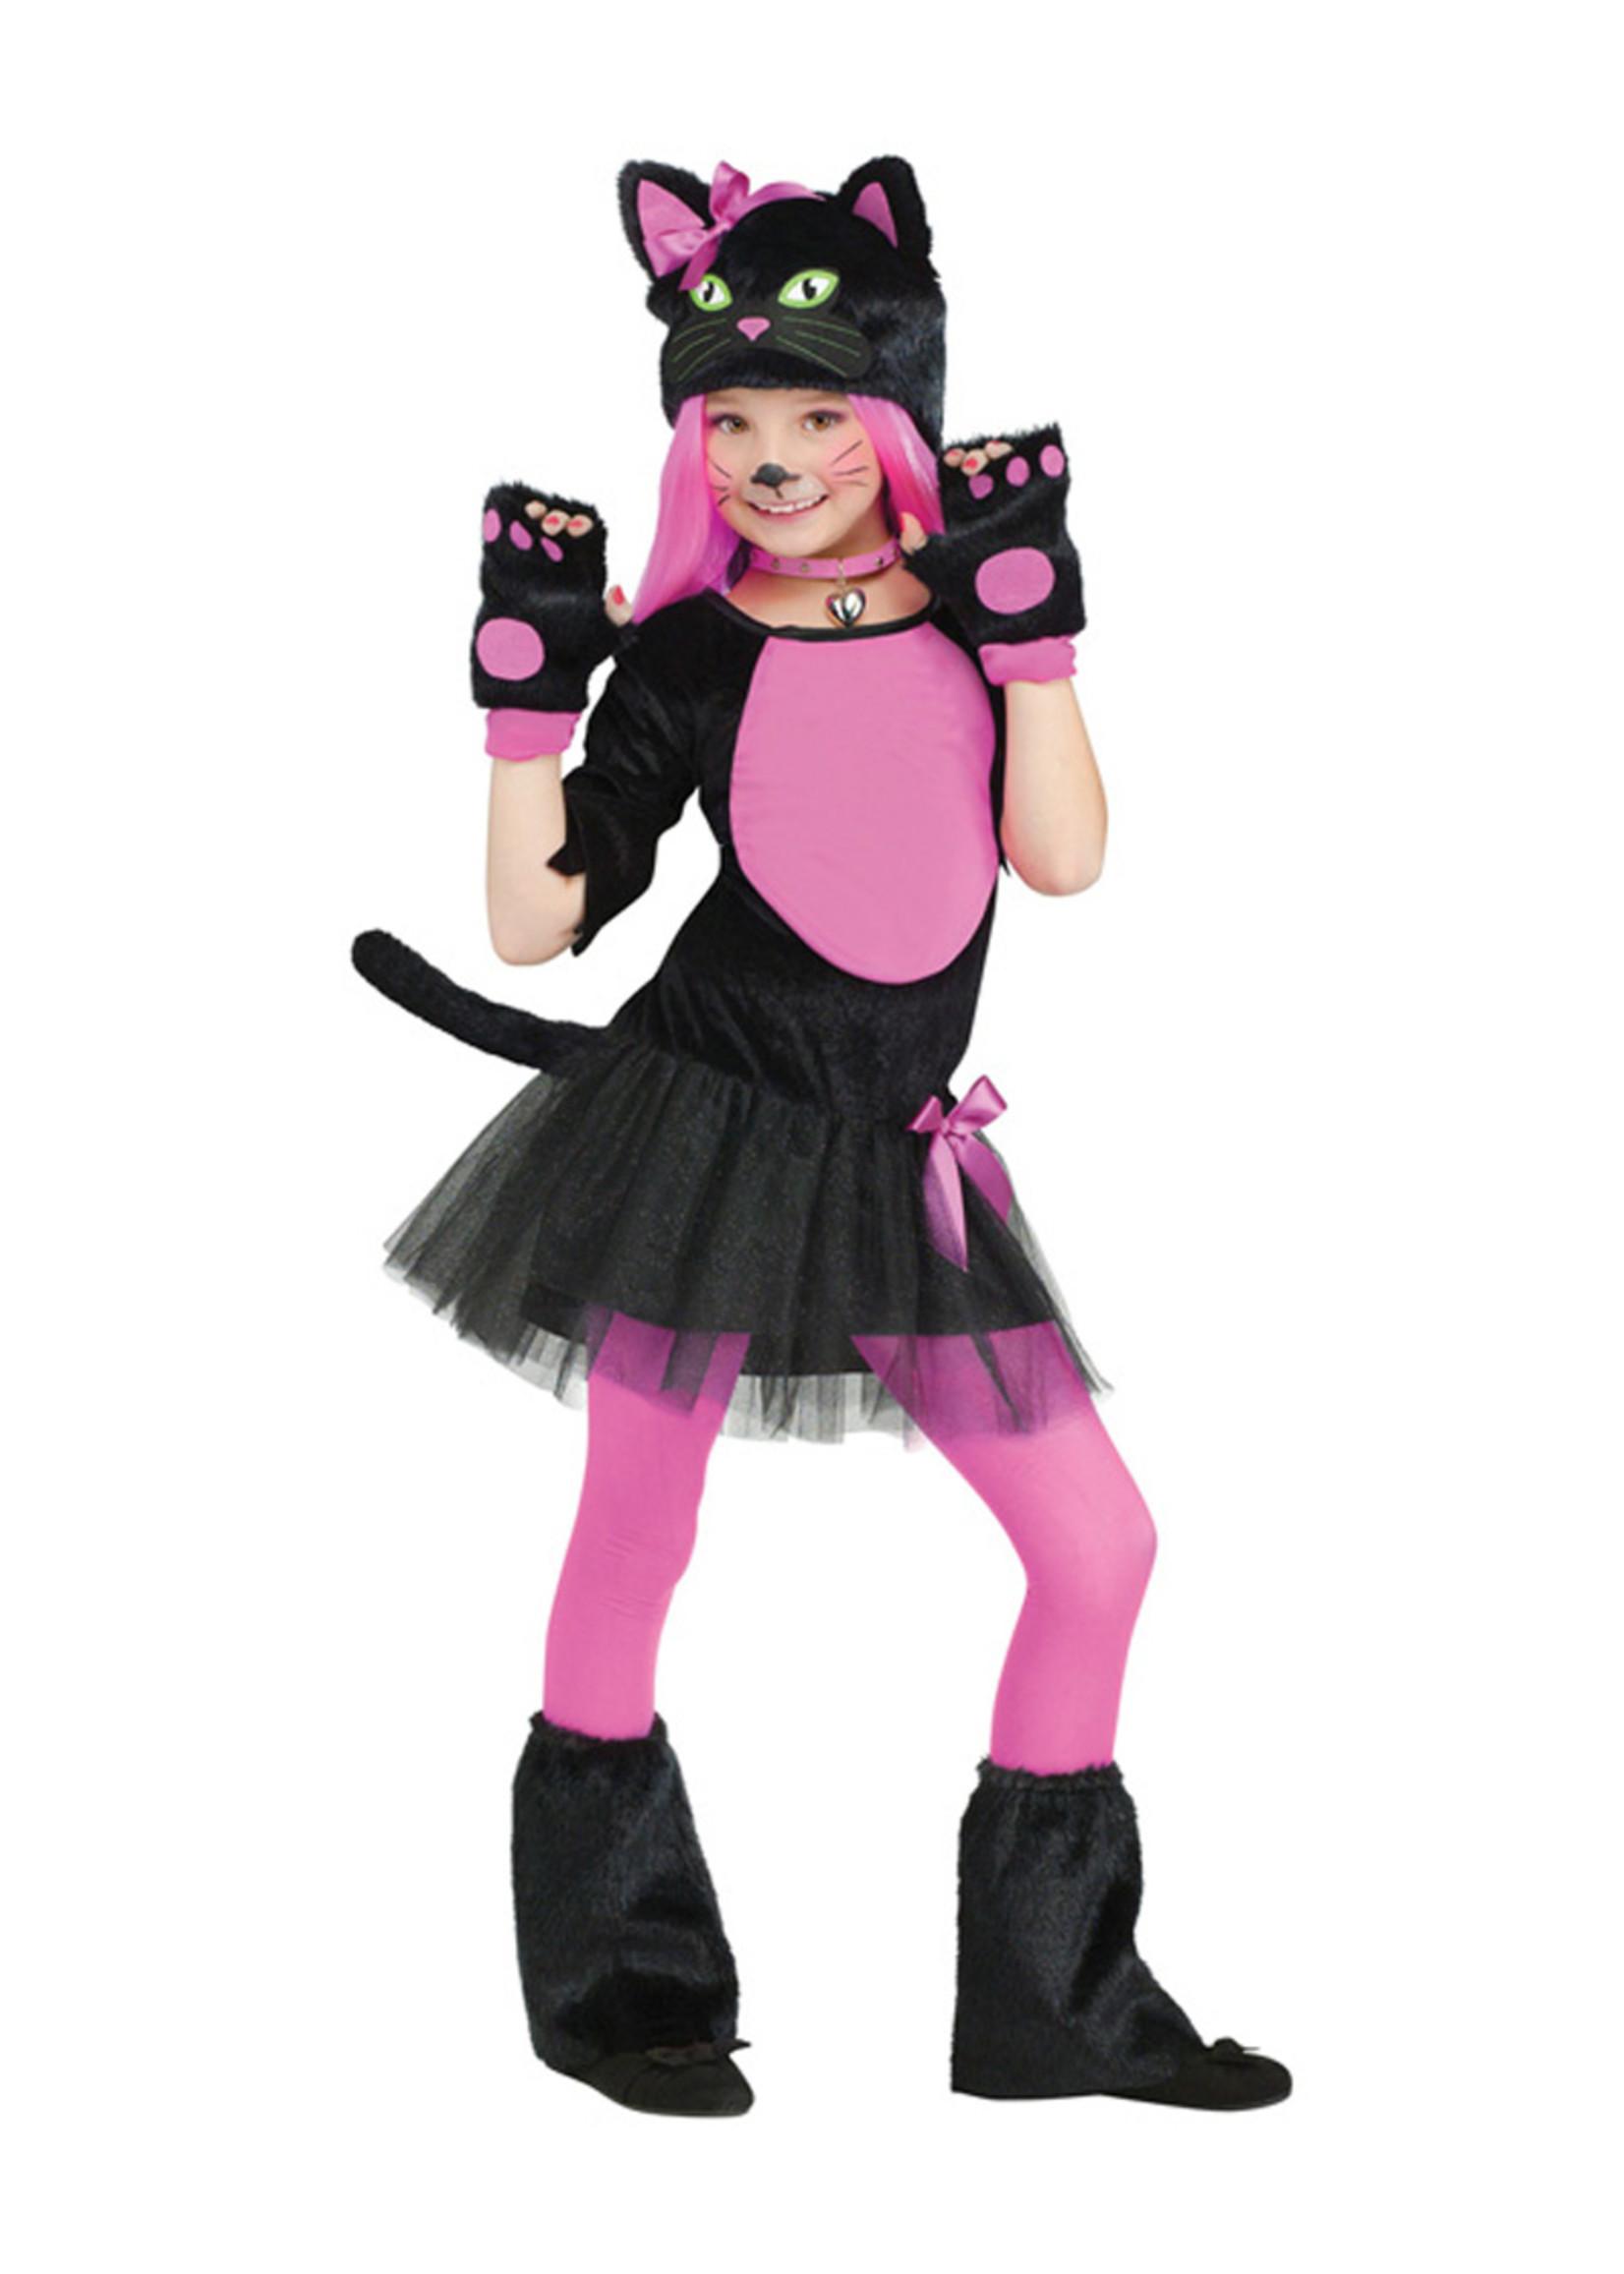 Miss Kitty Costume - Girls